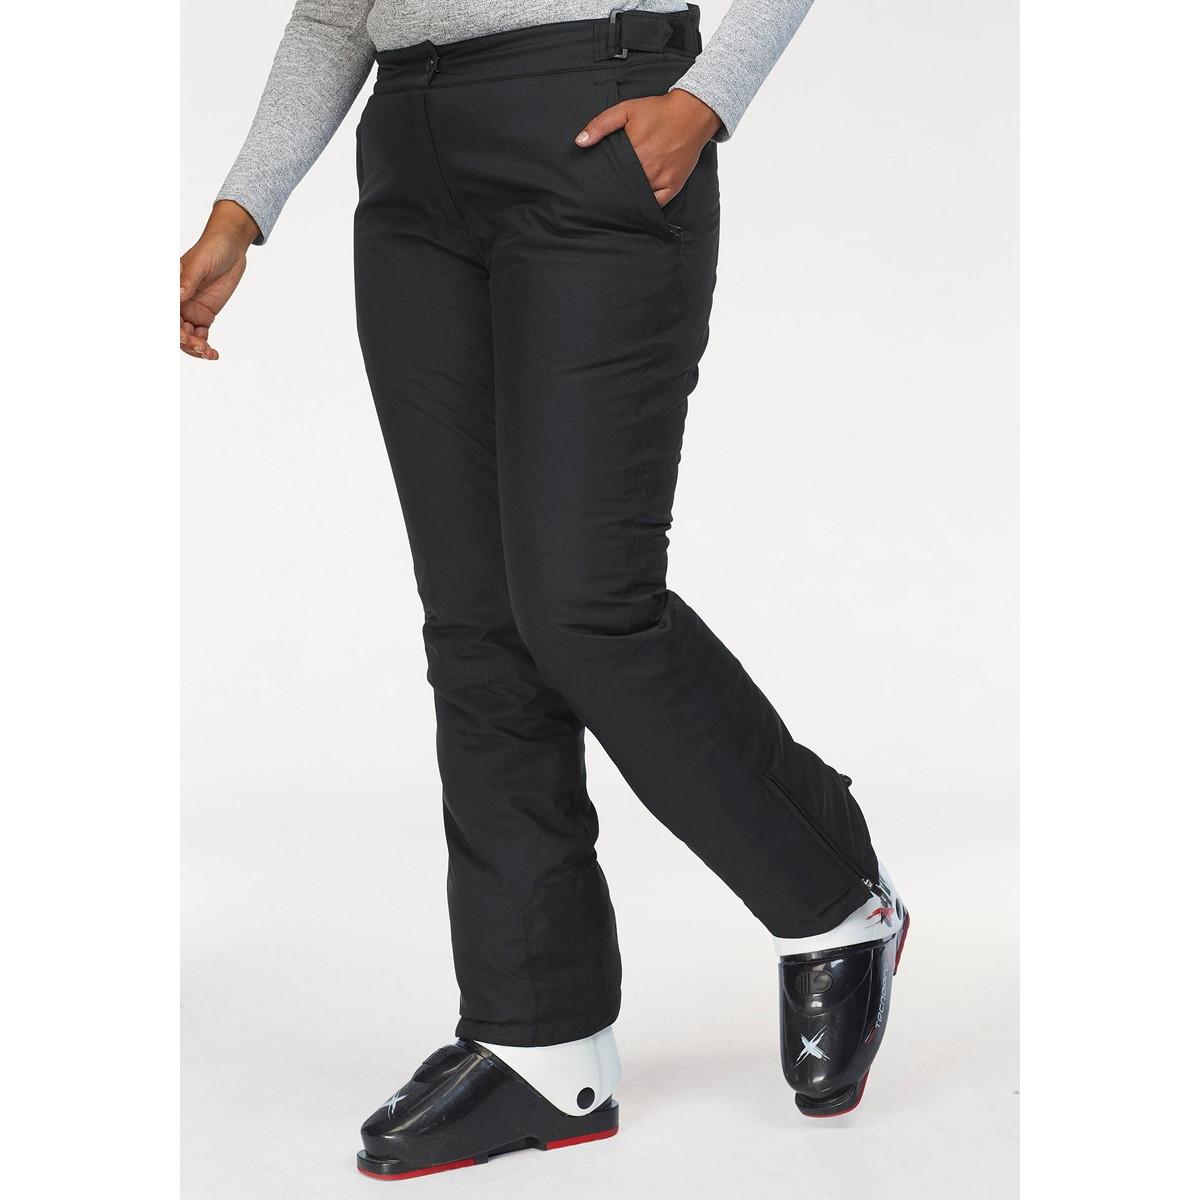 Maier Sports Bea elastische Skihose Damen XXL